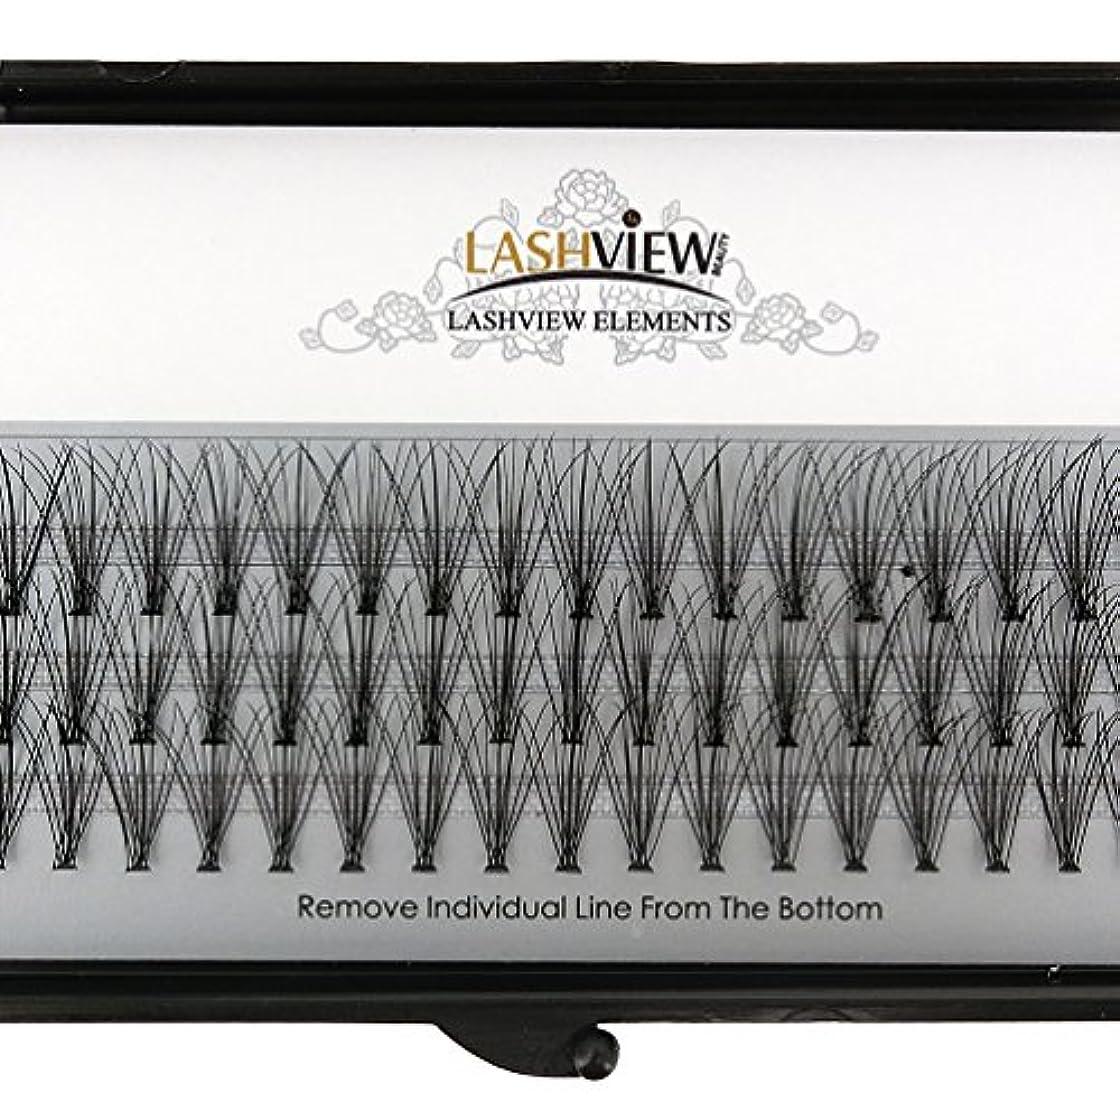 散文プロフェッショナル失態LASHVIEW 高品質まつげエクステ太さ0.10mm Cカール フレア セルフ用 素材 10本束12mm マツエク